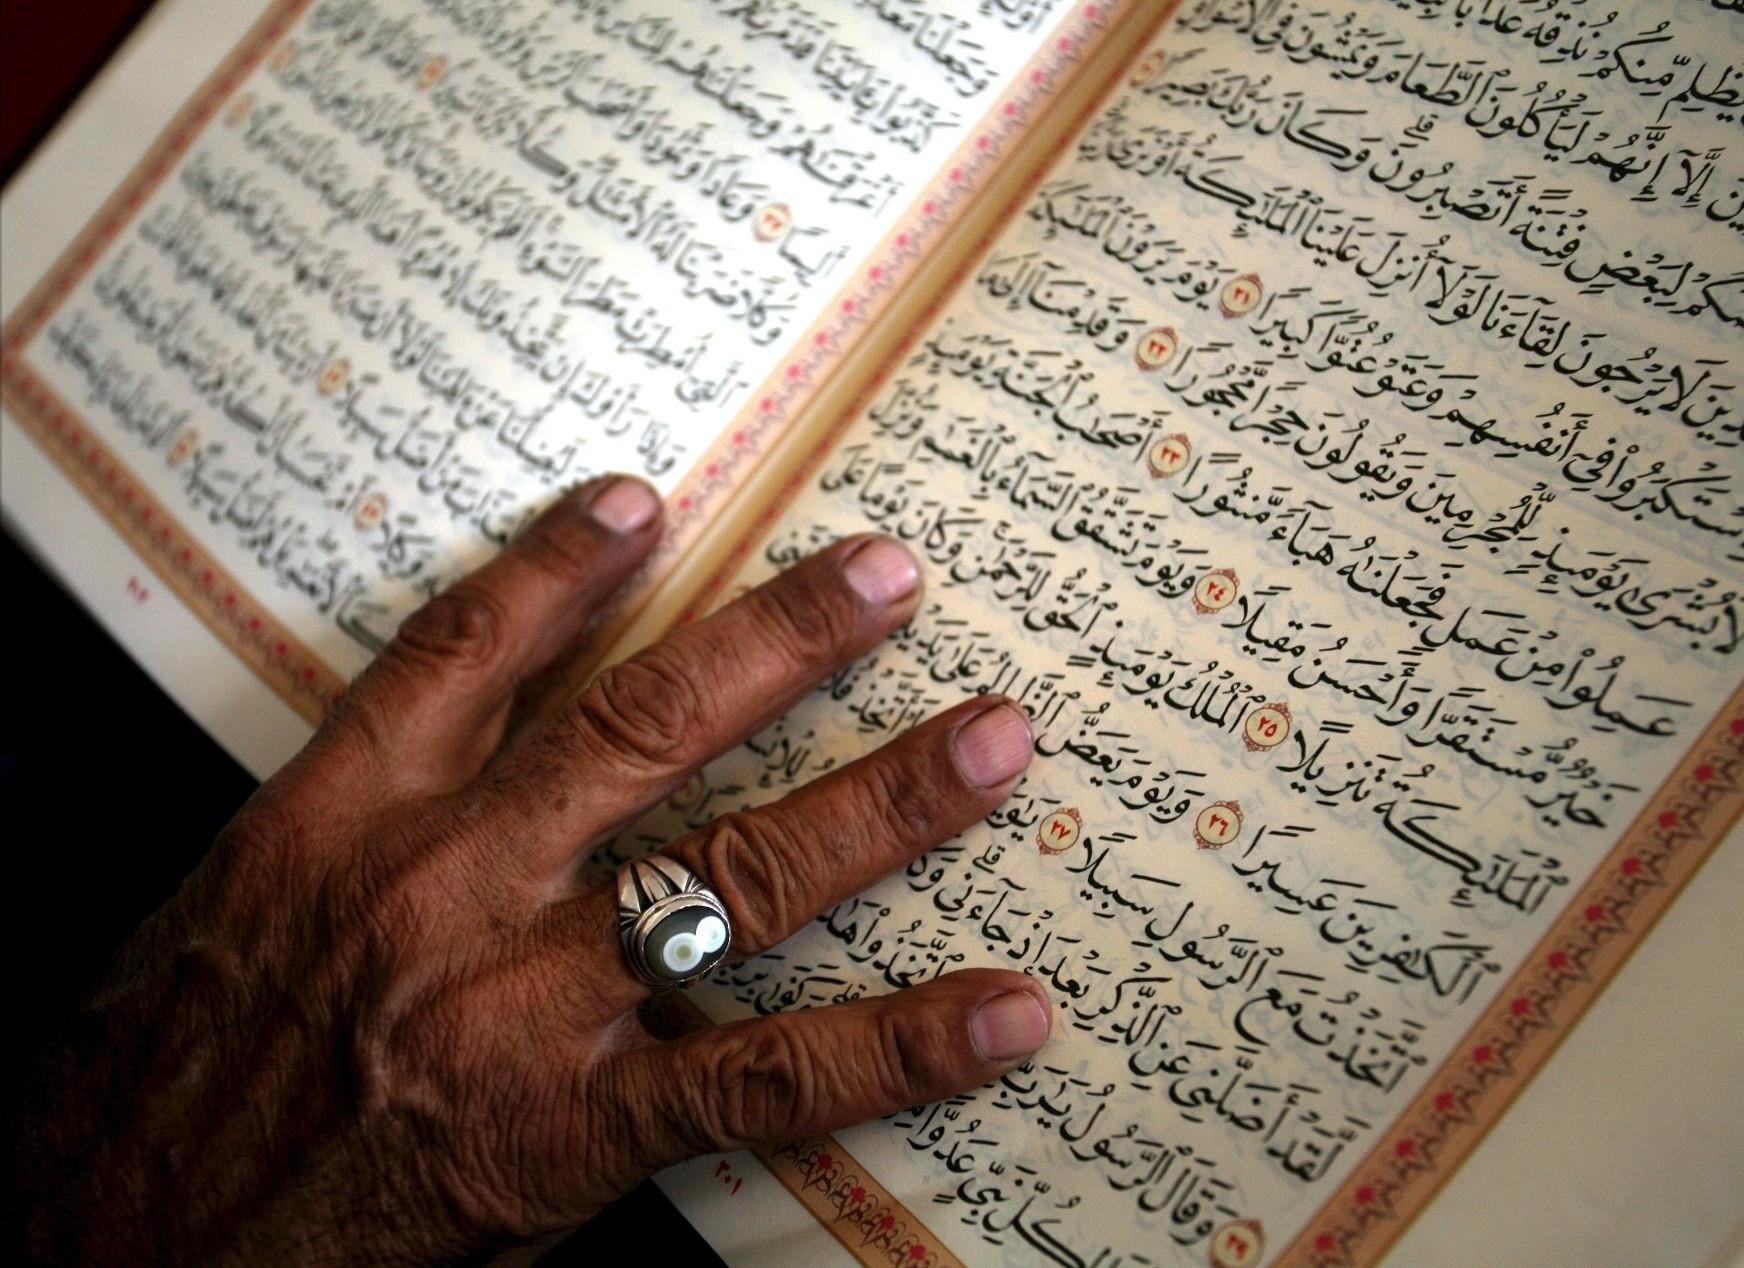 جدول حفظ القران الكريم ومراجعته